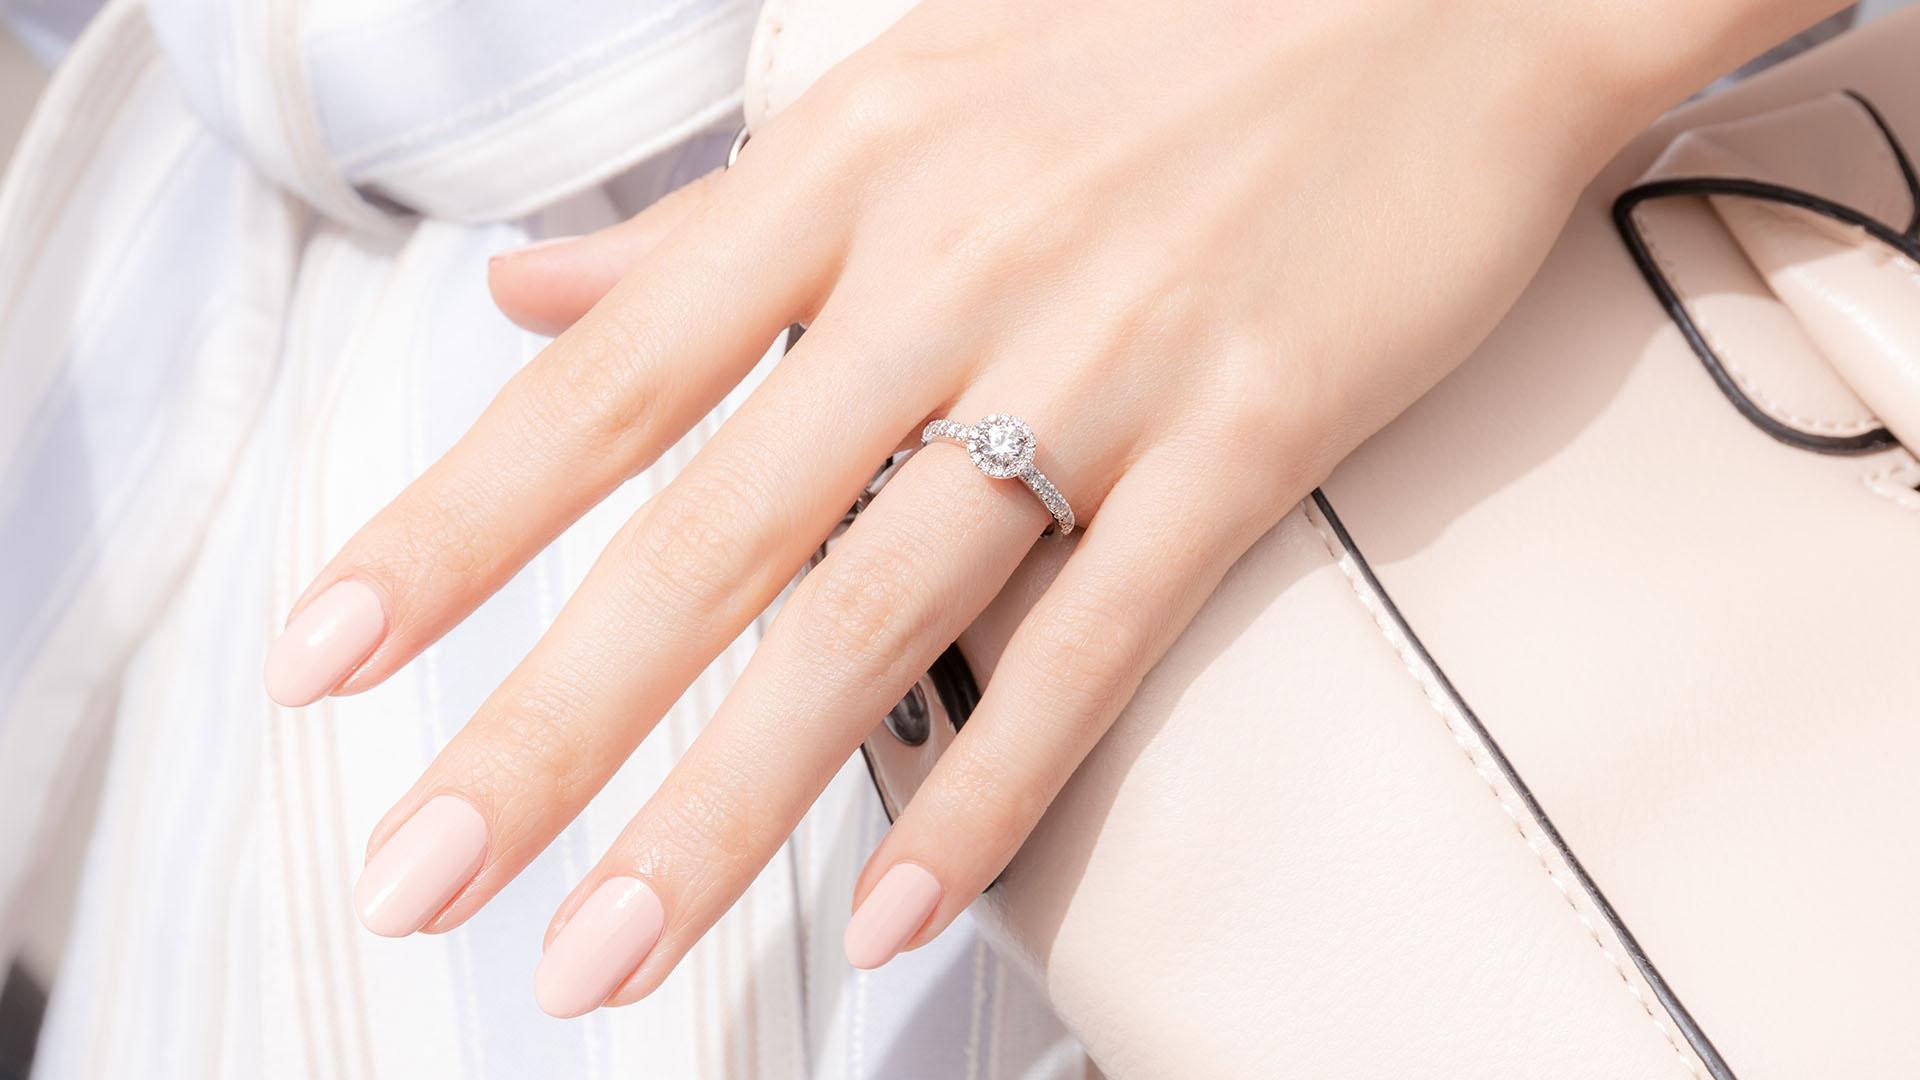 fomalhaut ete フォーマルハウト Ete | 婚約指輪サムネイル 4